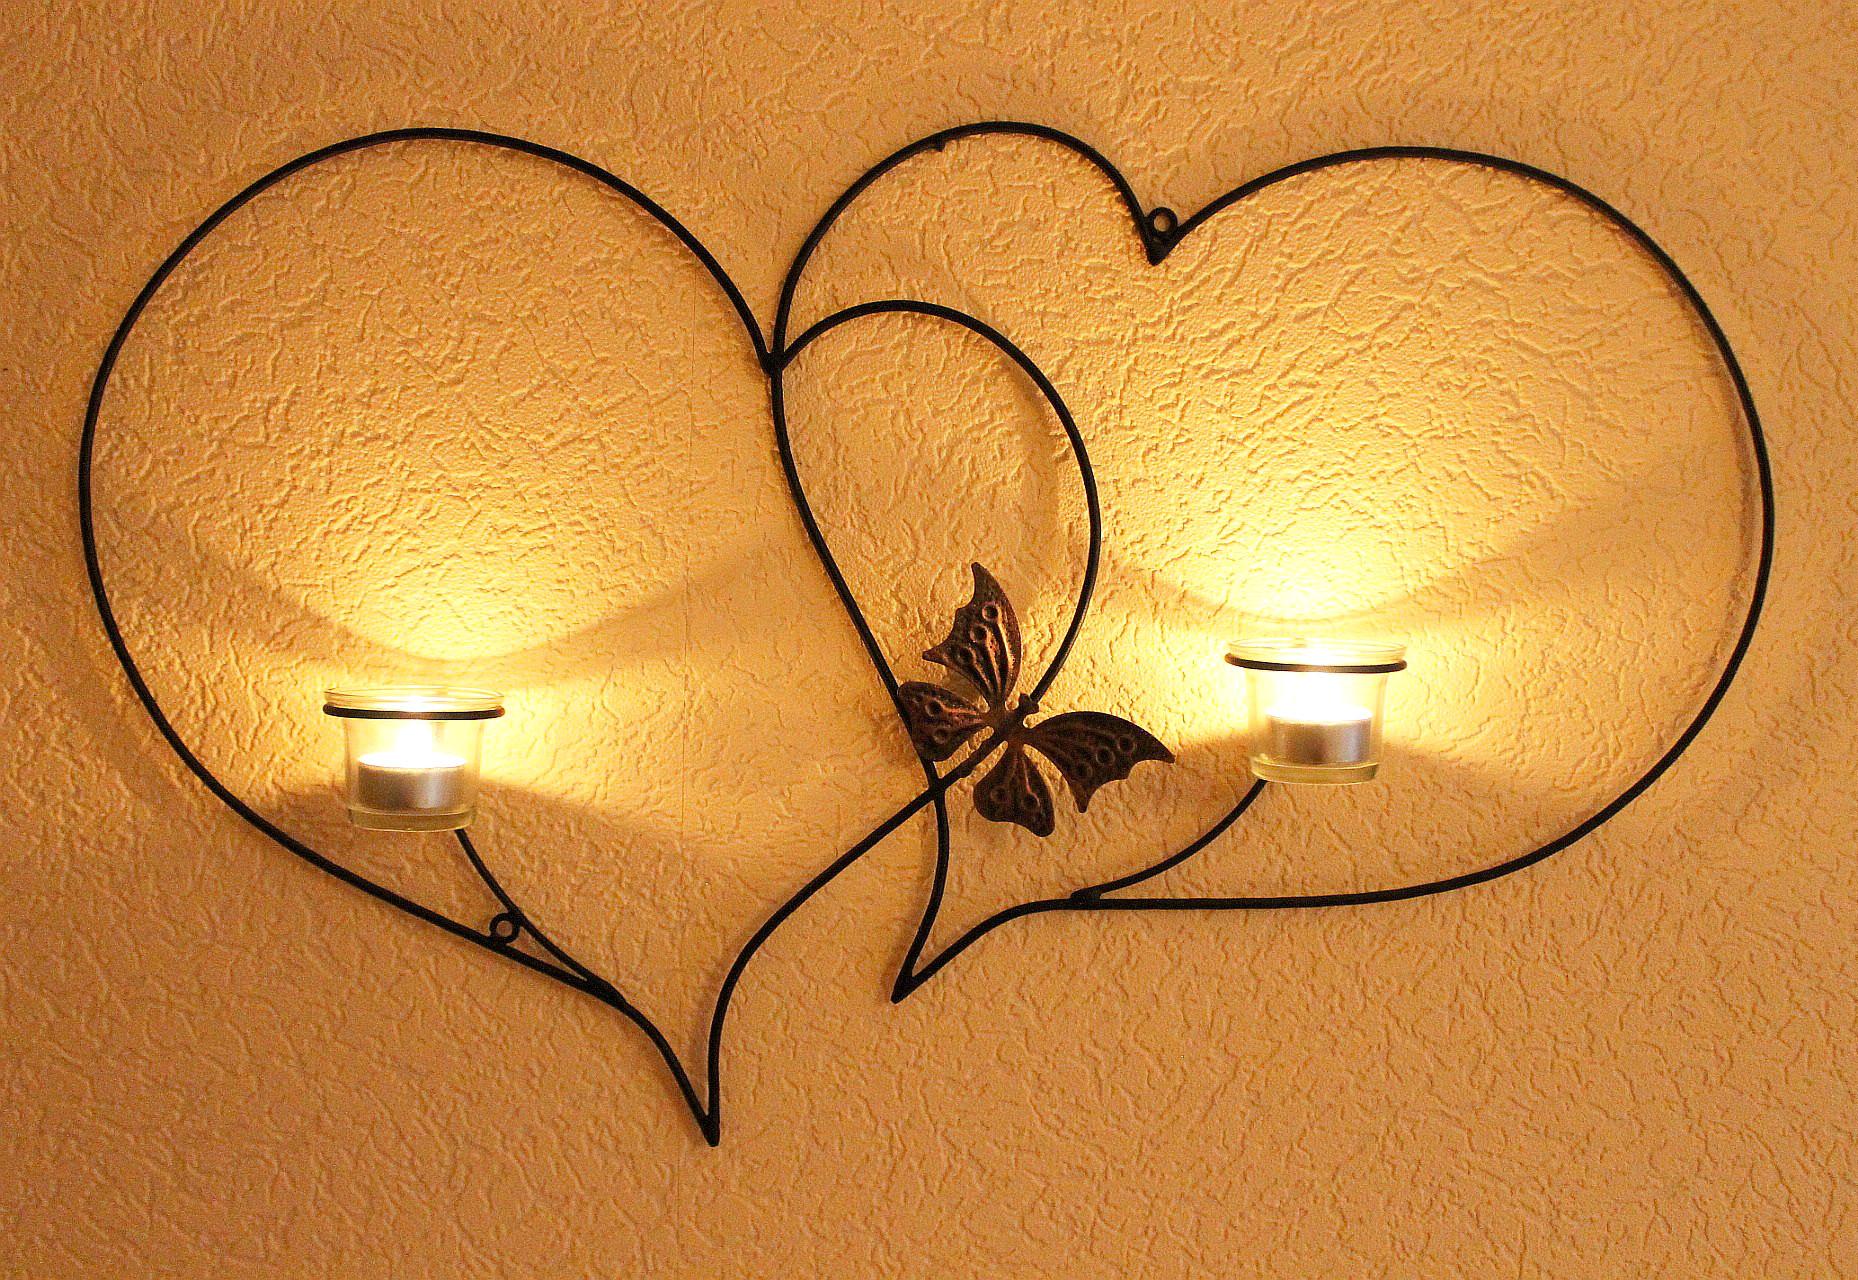 doppelherz wandteelichthalter herz 65 cm teelichthalter aus metall wandleuchter kerzenhalter. Black Bedroom Furniture Sets. Home Design Ideas